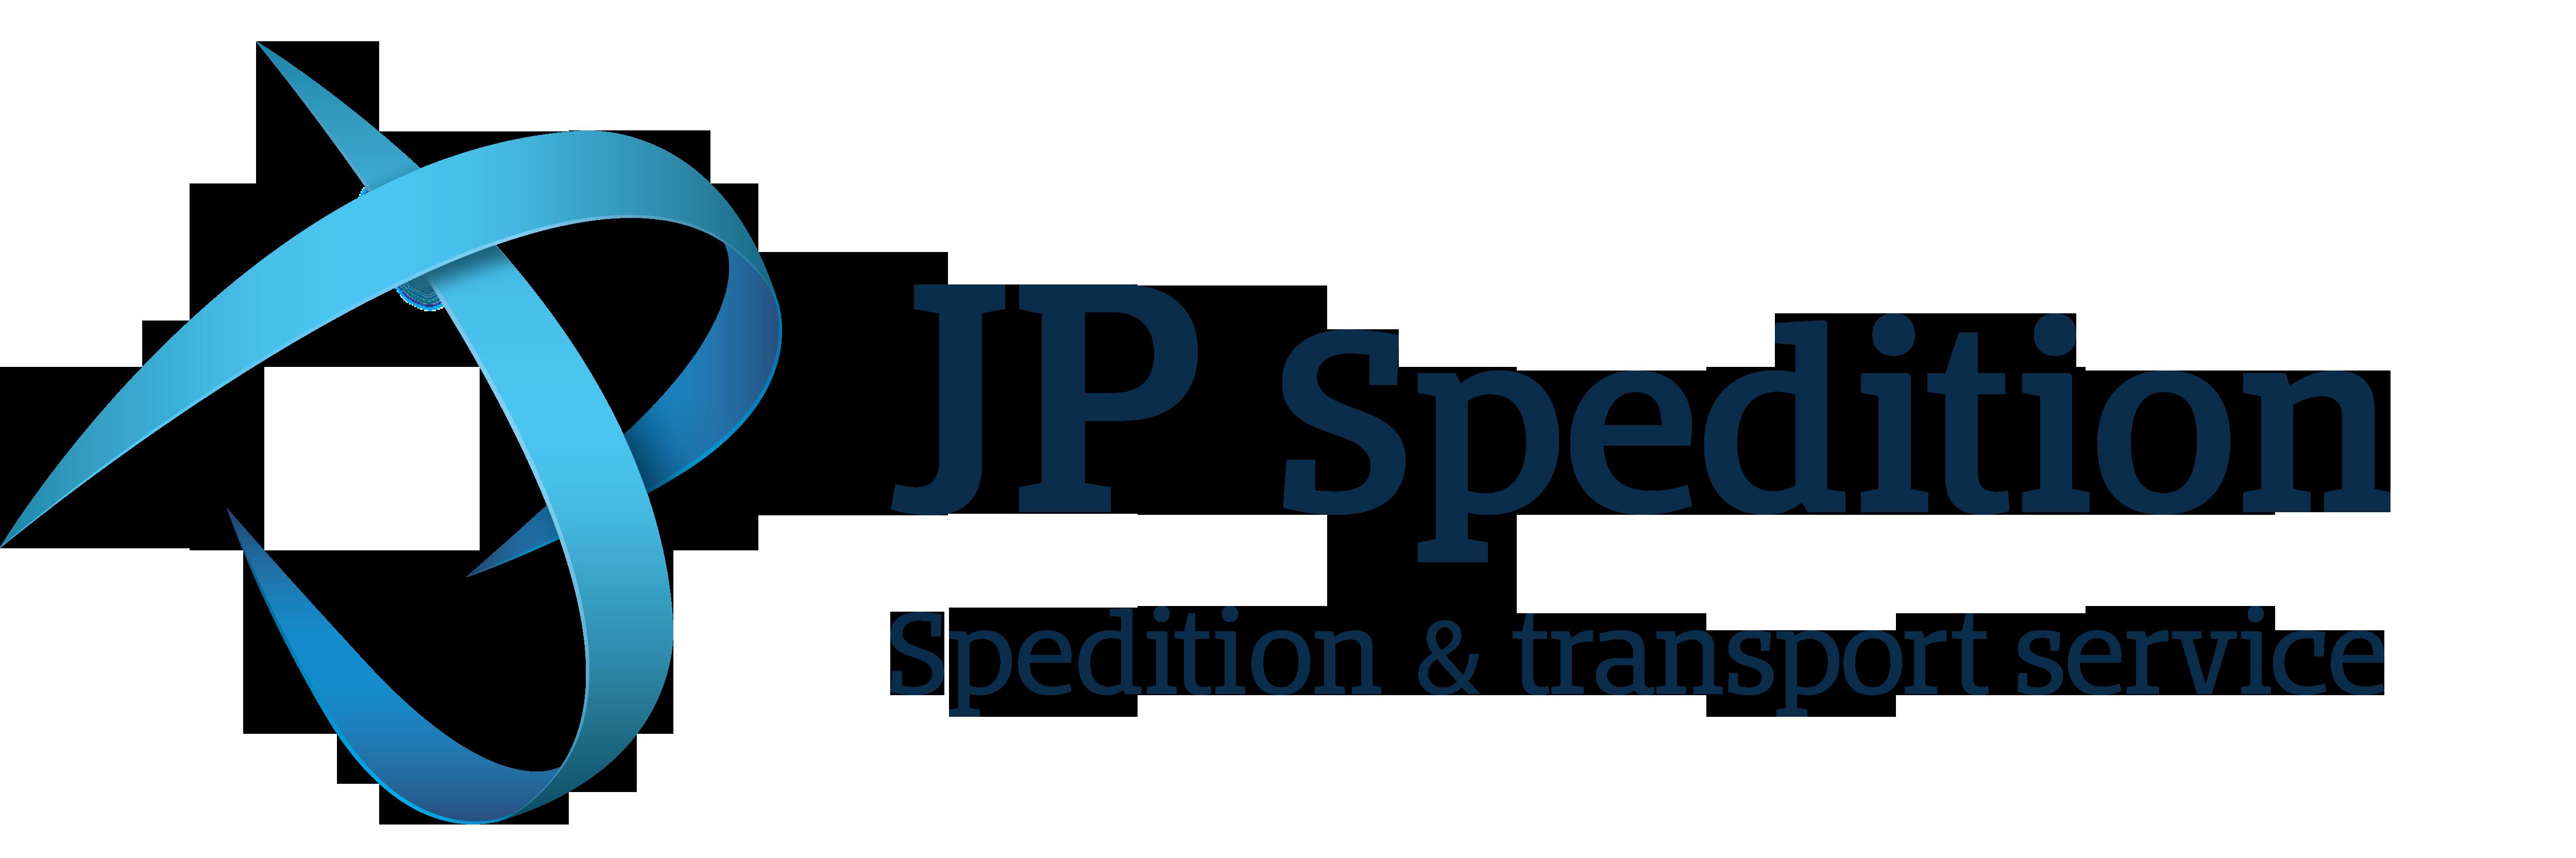 www.jpspedition.cz - logo